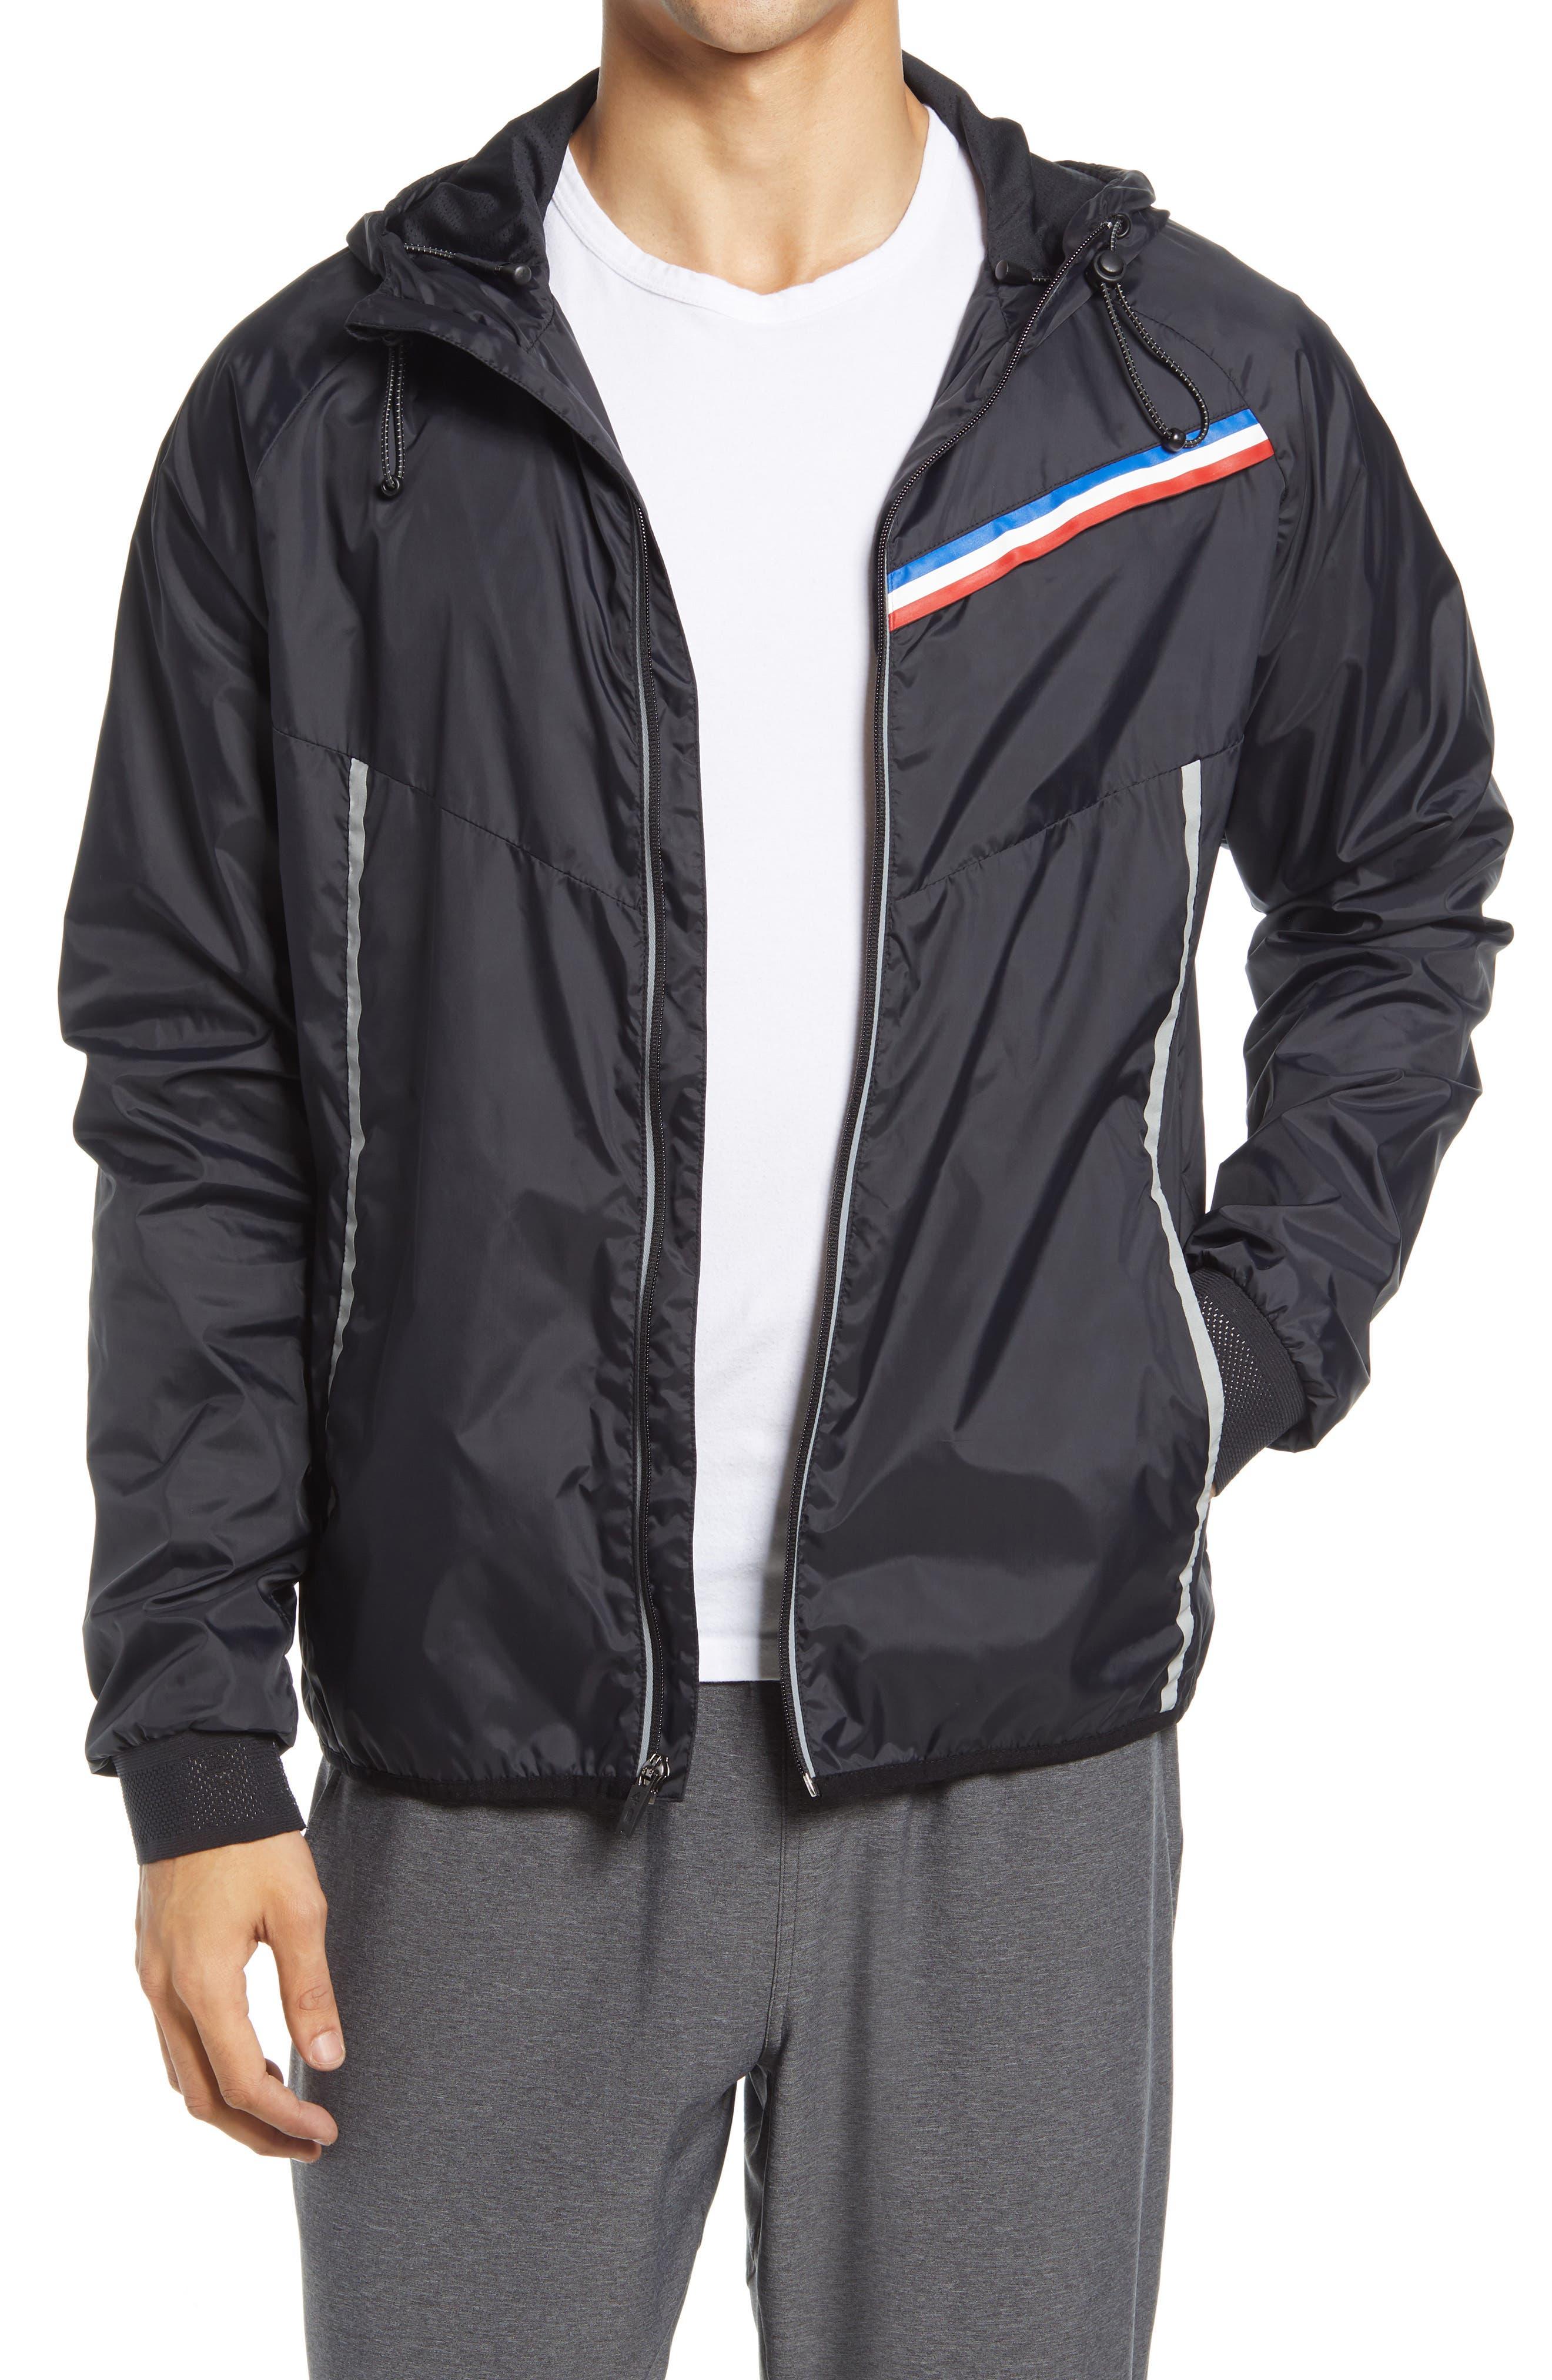 Propel Windbreaker Jacket